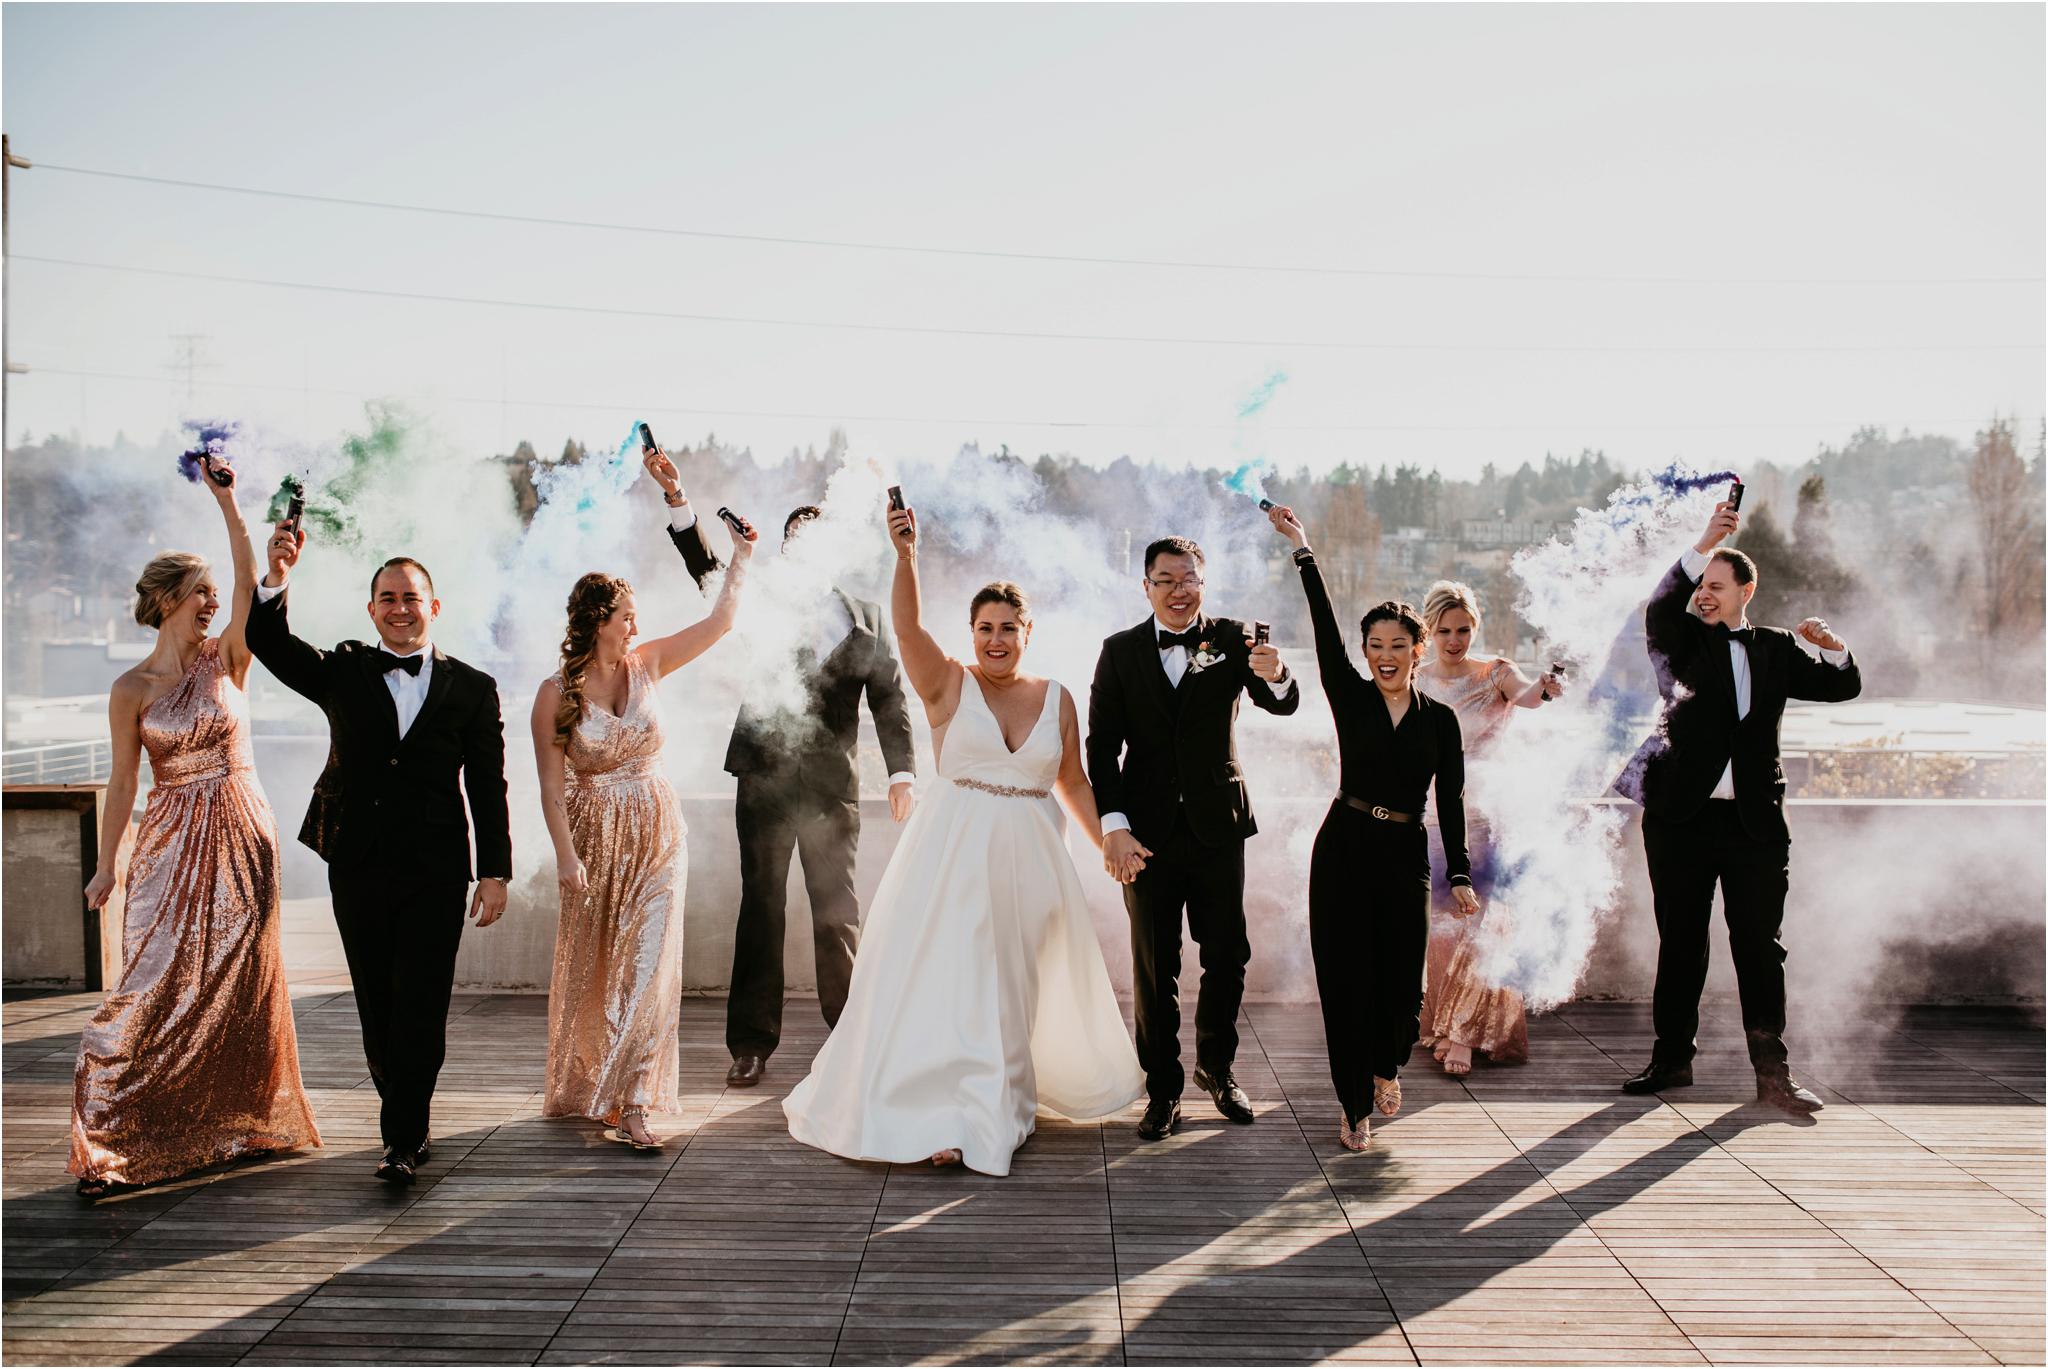 ashley-and-david-fremont-foundry-seattle-washington-wedding-photographer-051.jpg